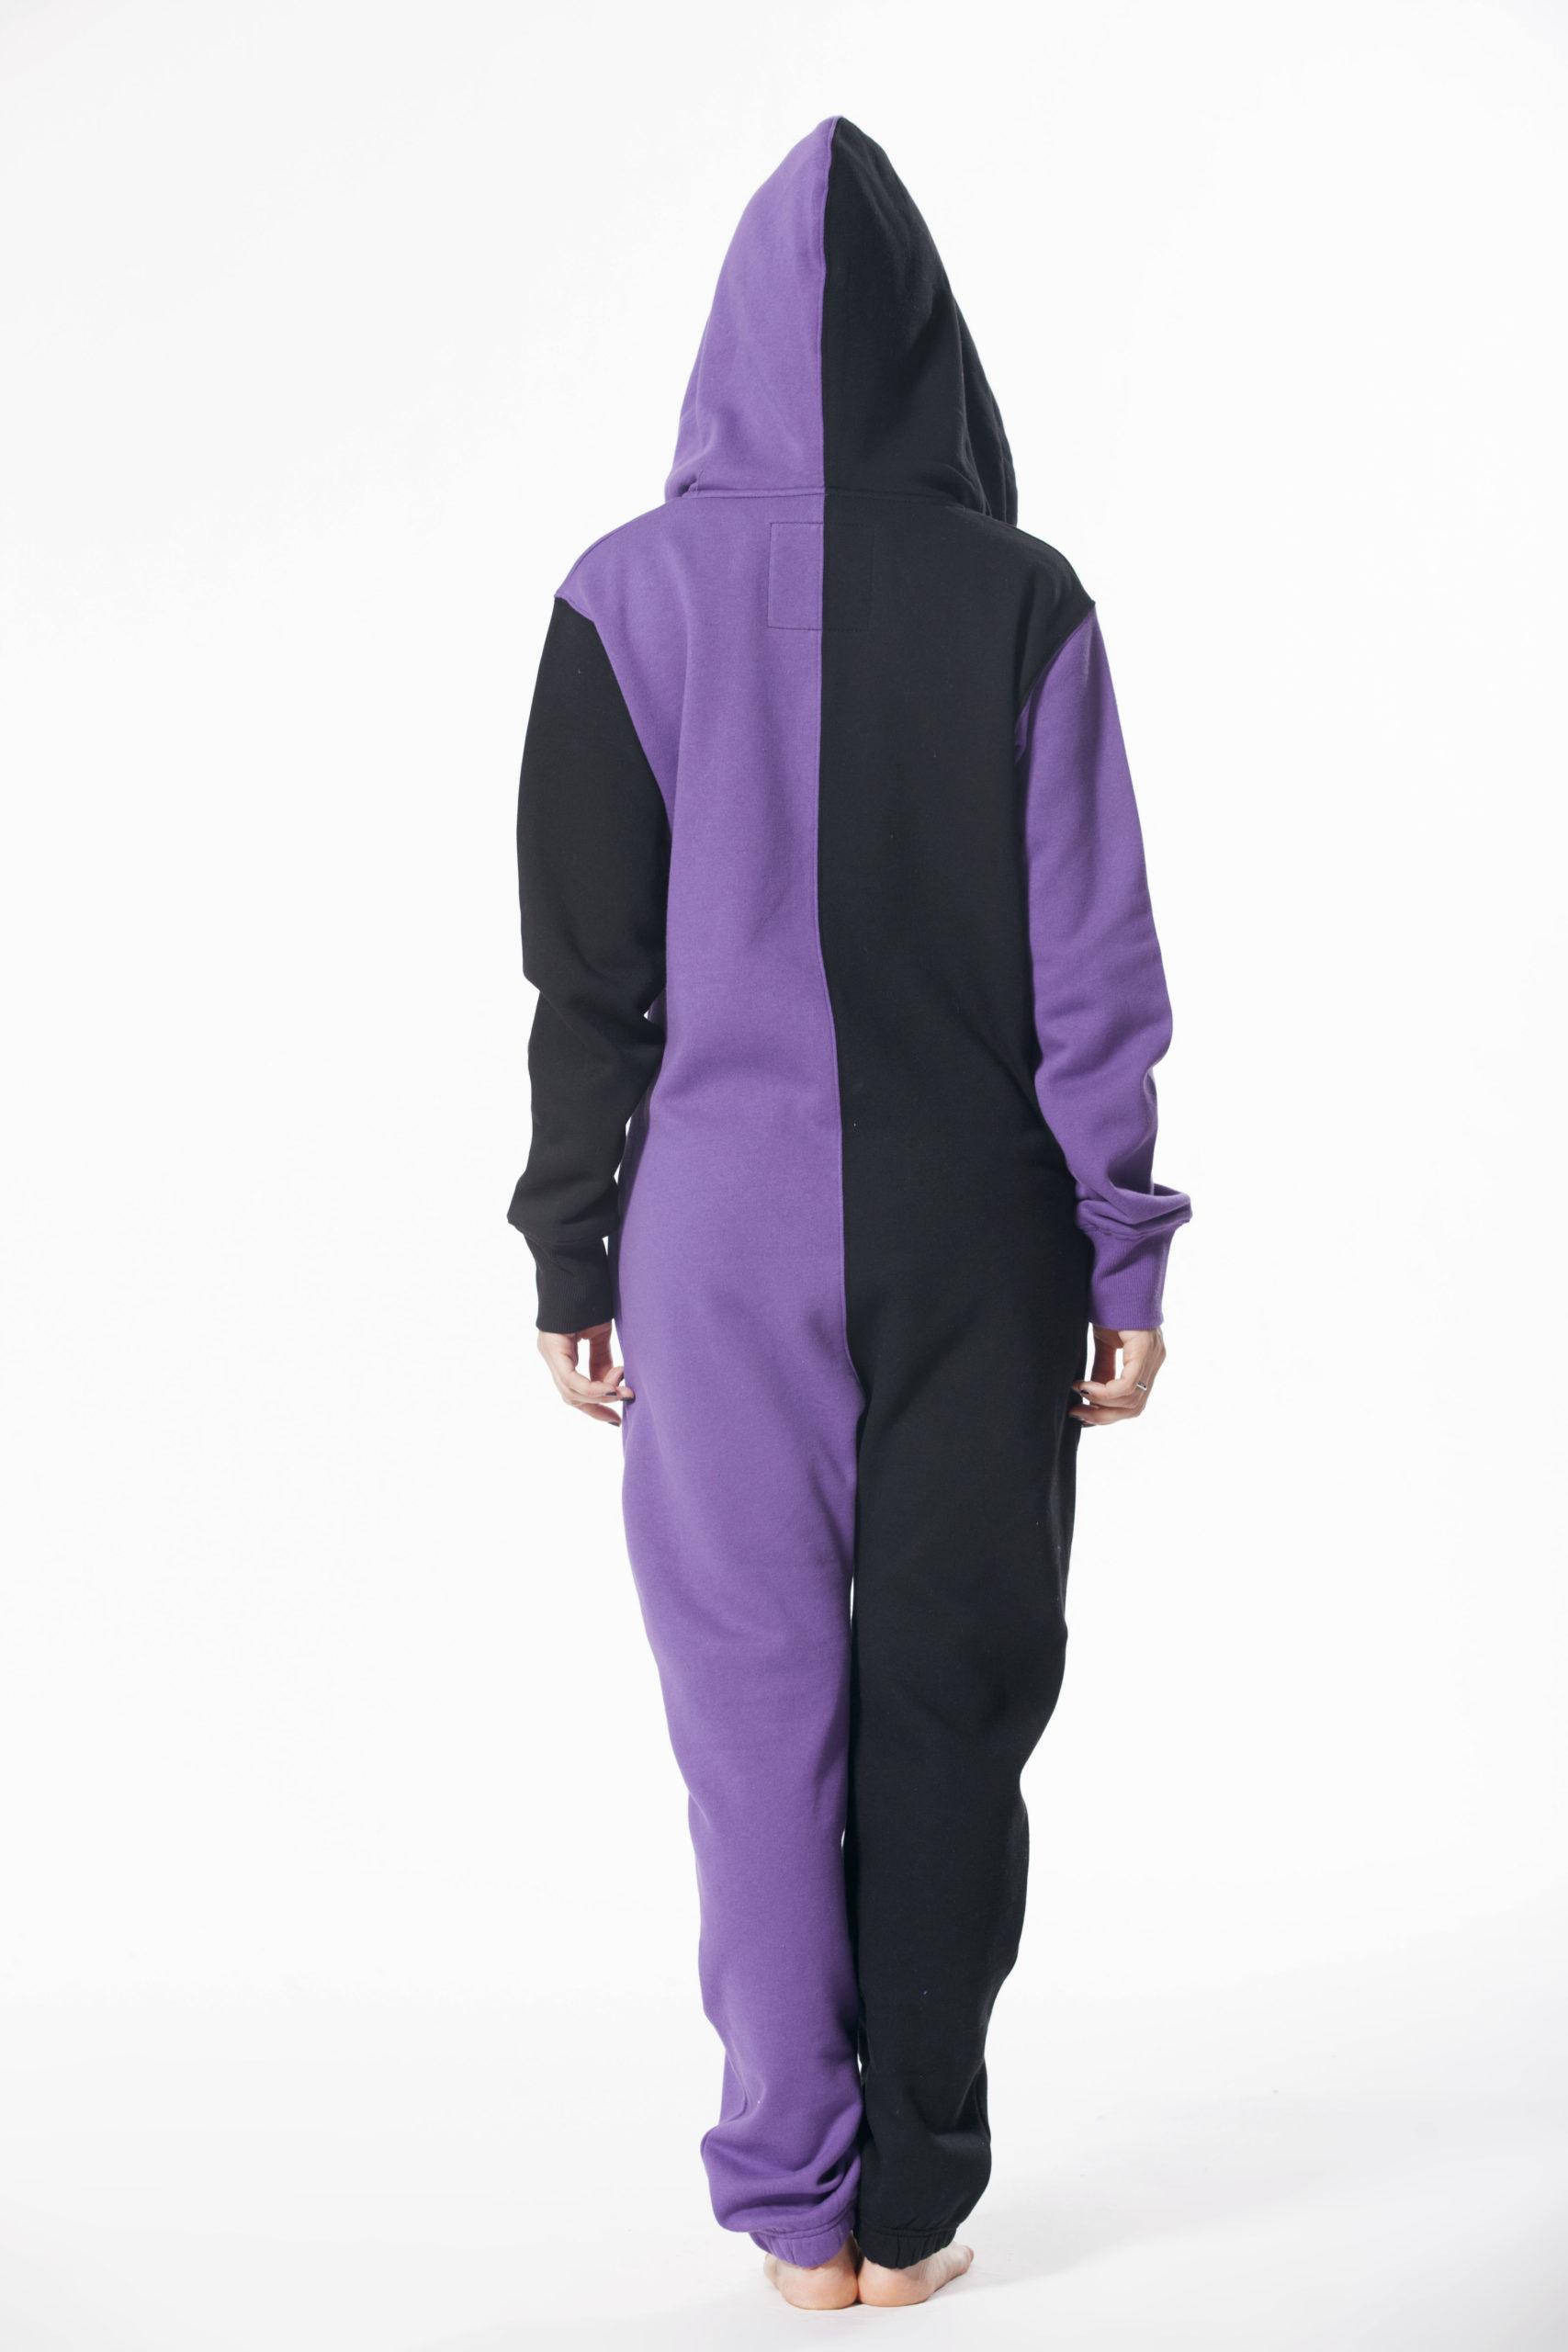 Комбинезон Joker фиолетовый +черный (9) W1504